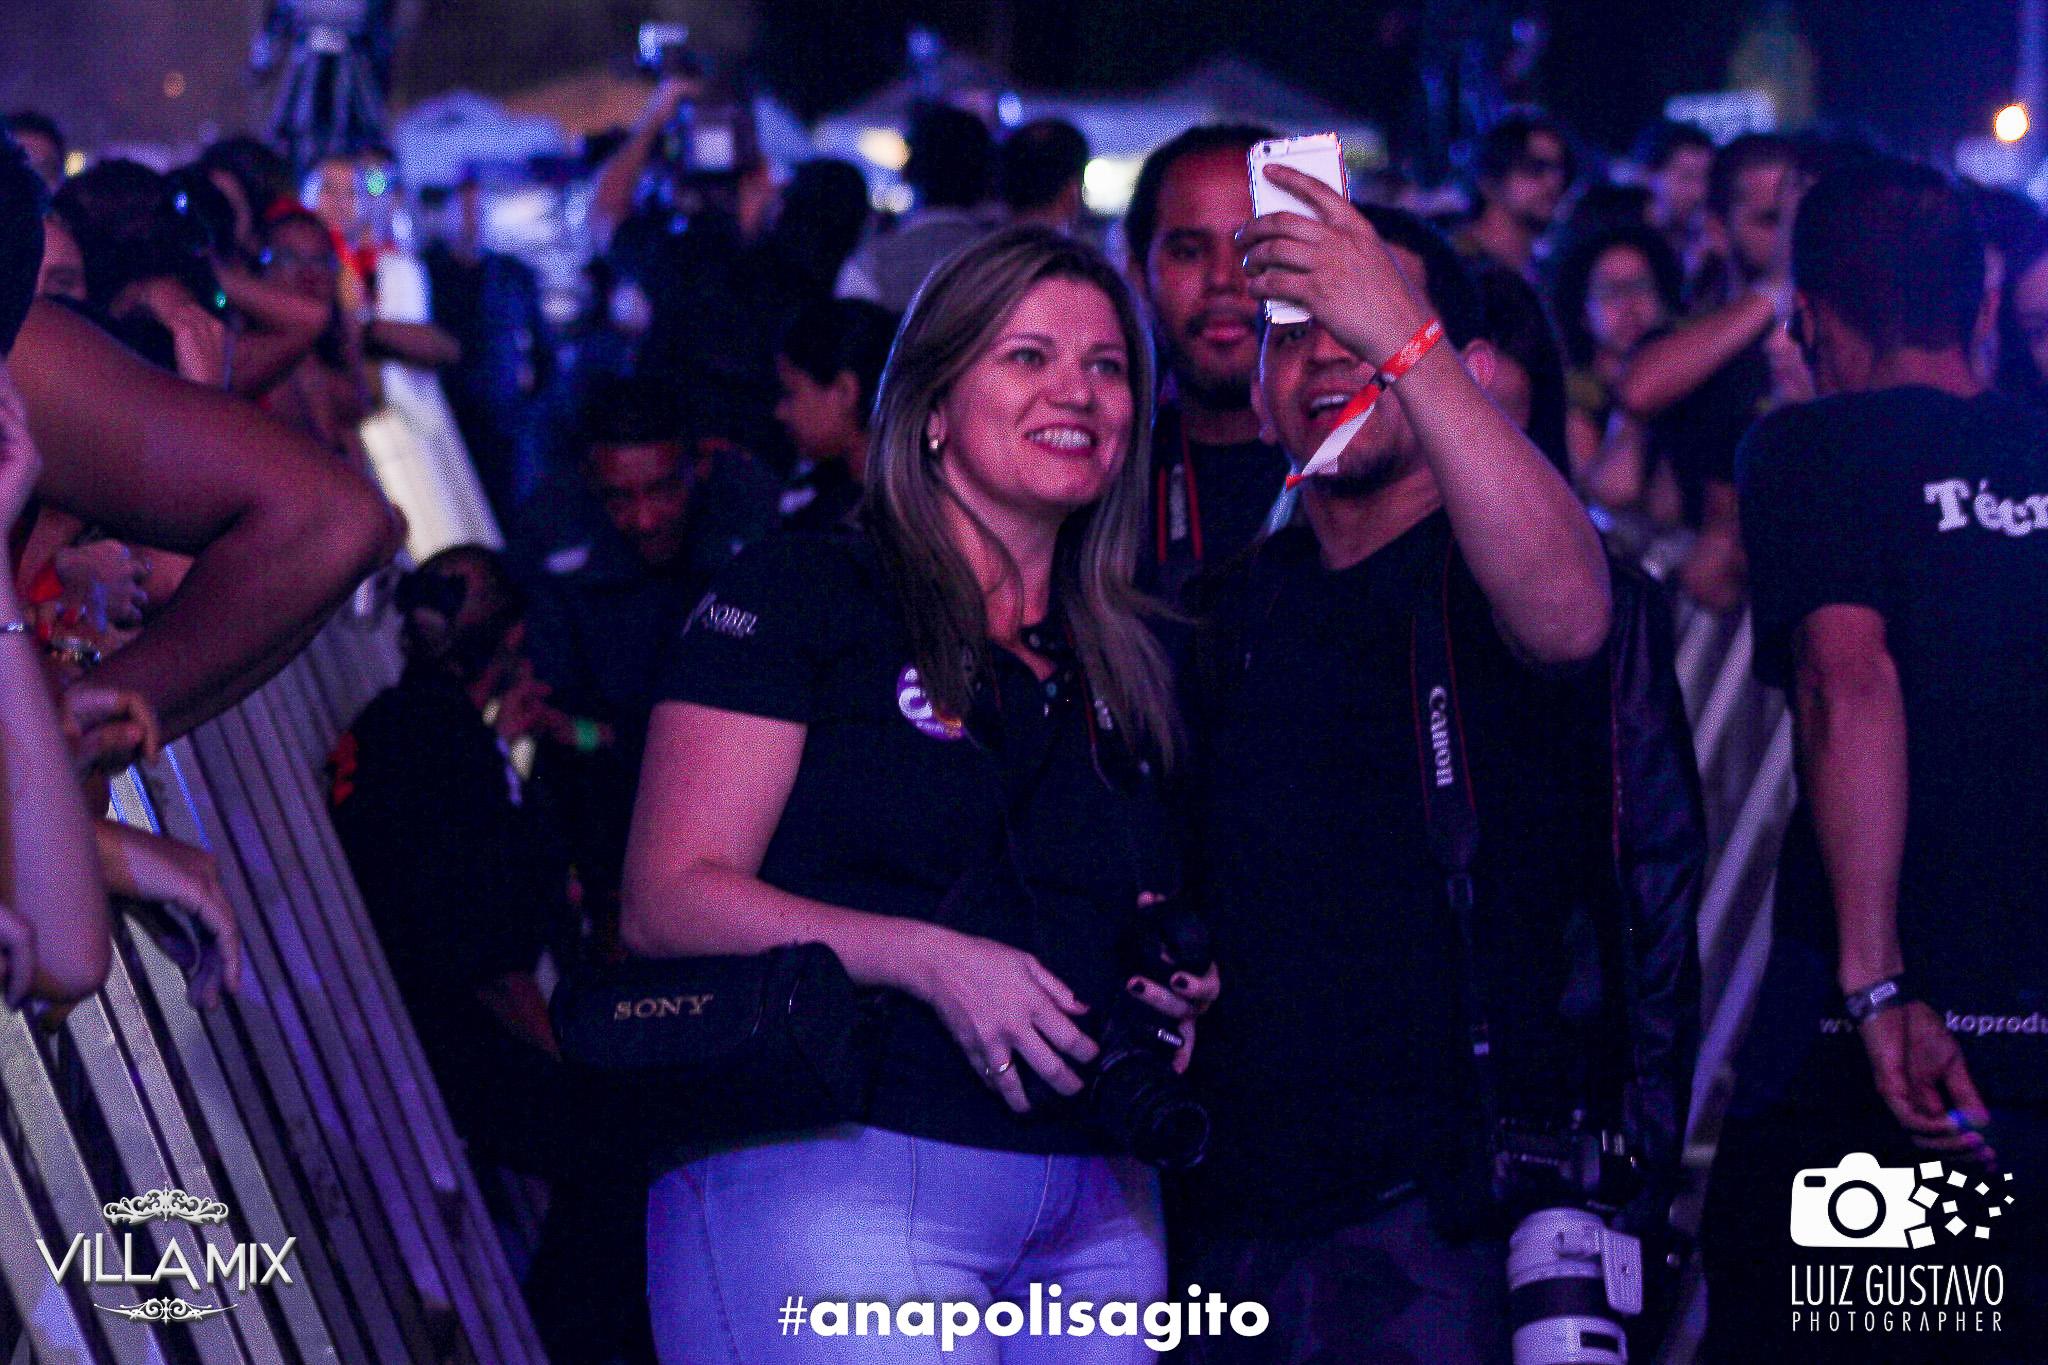 Luiz Gustavo Photographer (211 de 327)